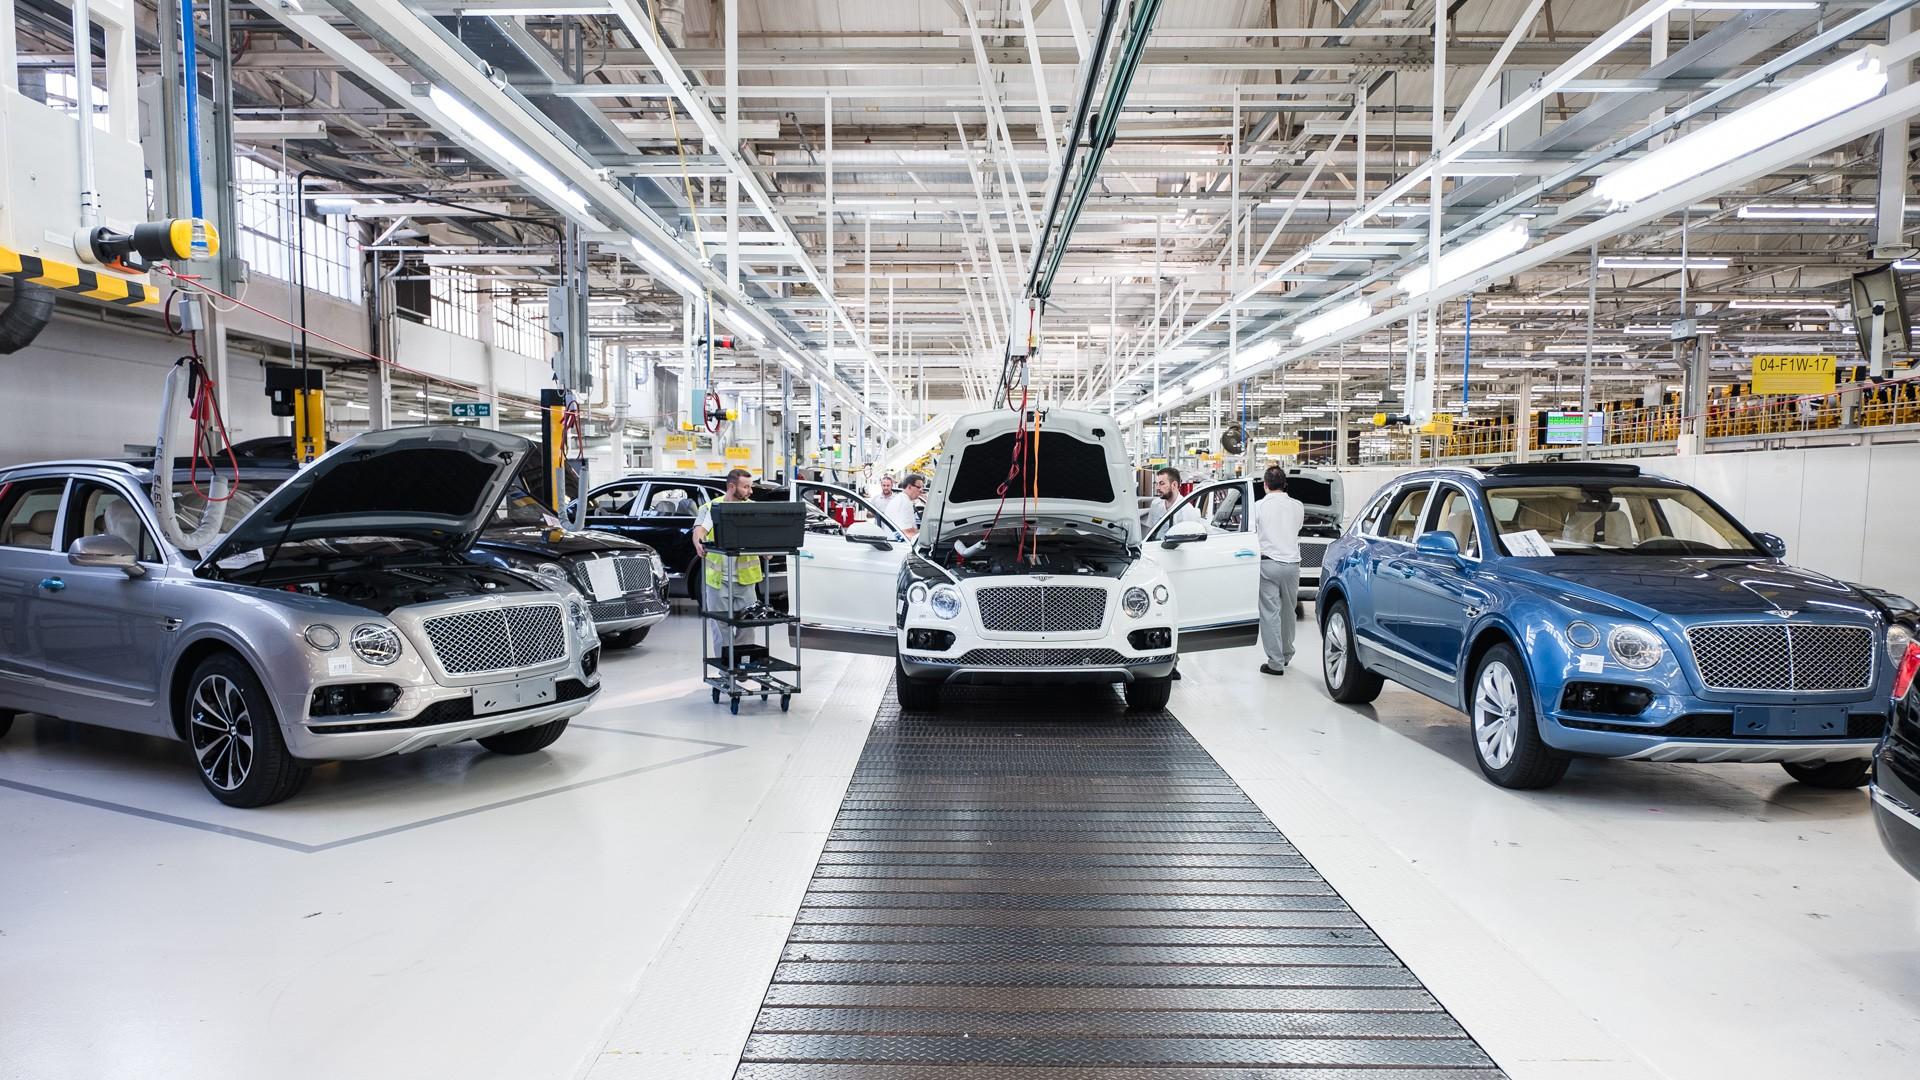 На автозаводе: как собирают самые дорогие автомобили в мире 1